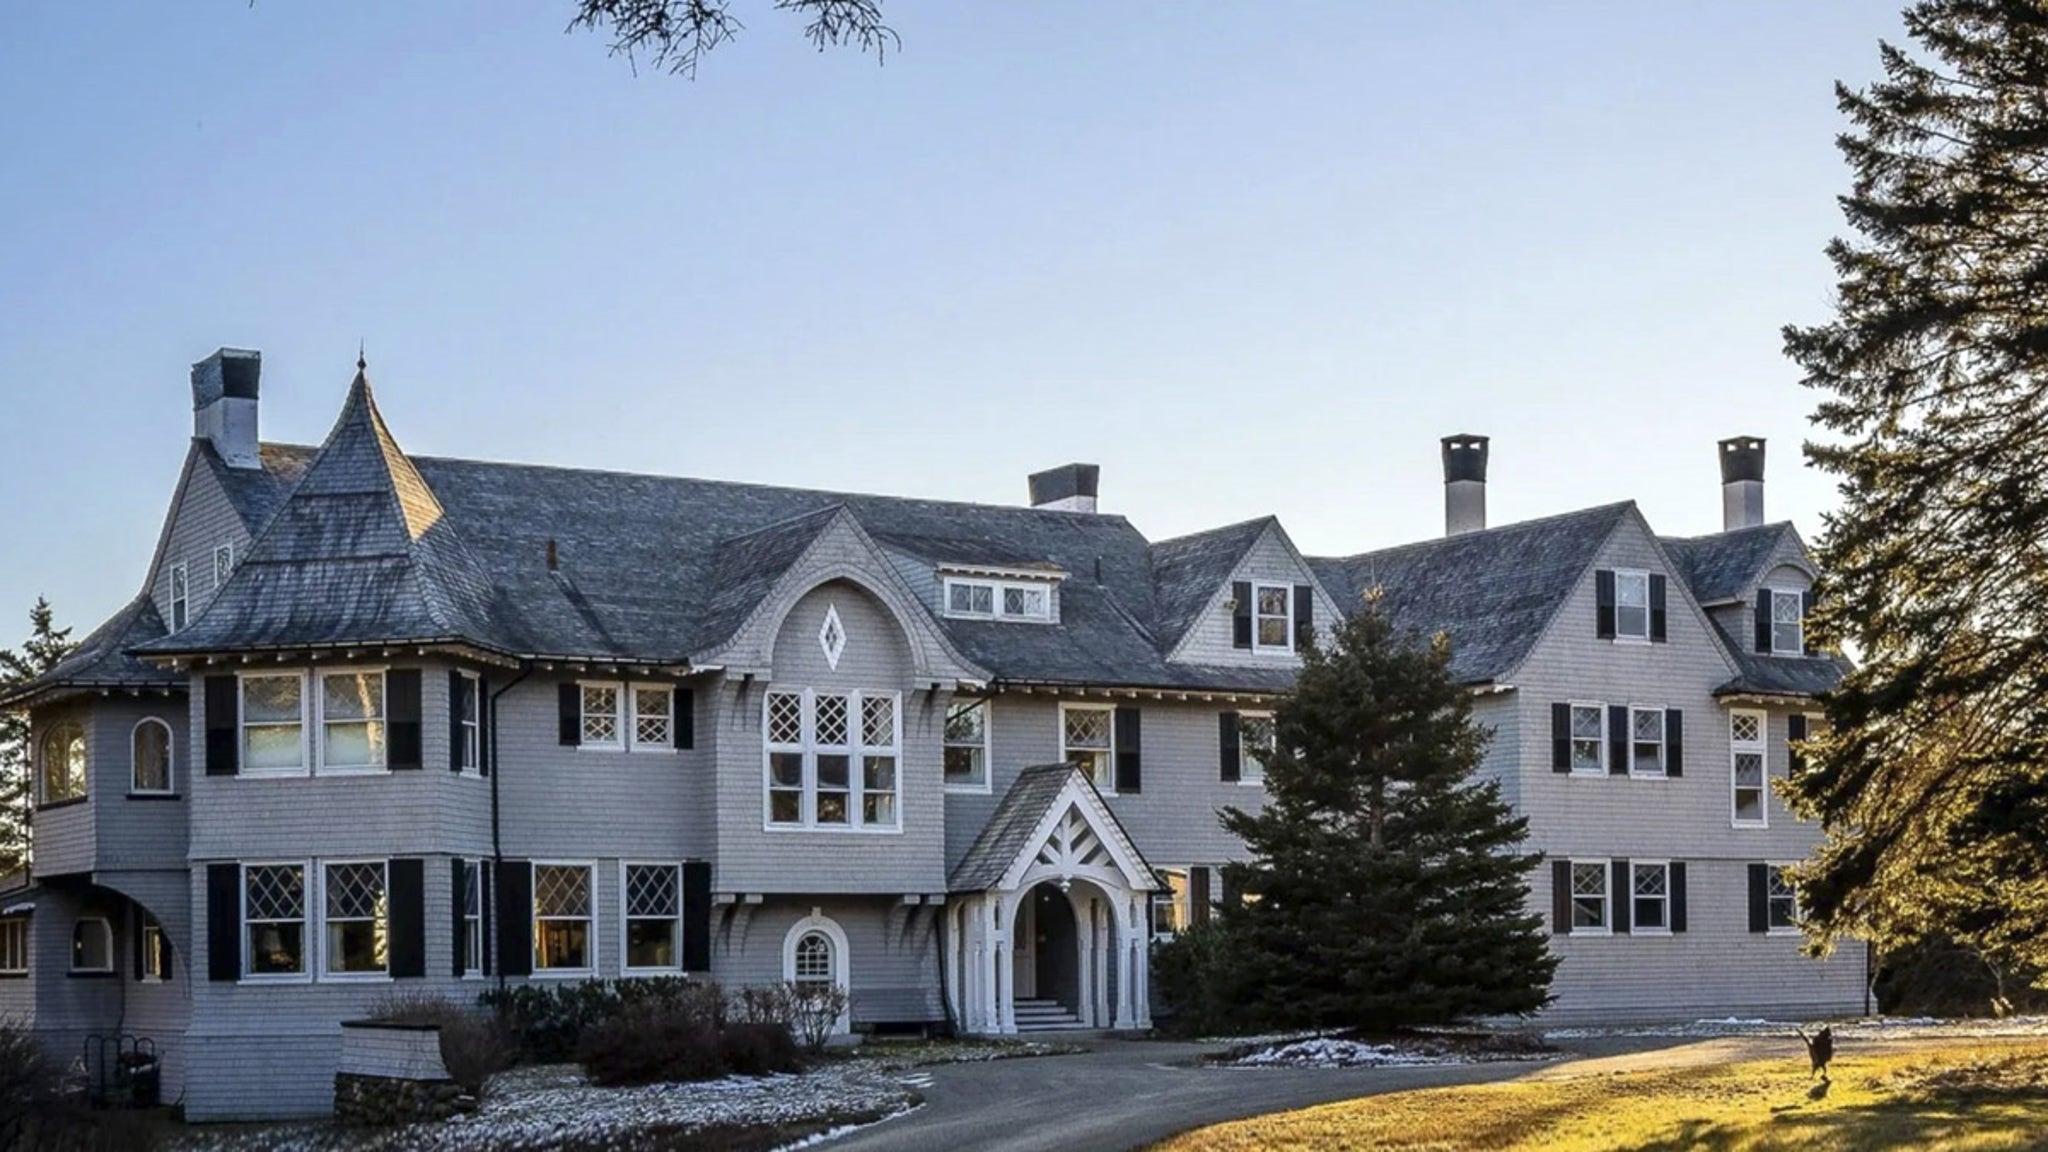 Джон Траволта выставляет на продажу особняк в штате Мэн с 20 спальнями за 5 миллионов долларов